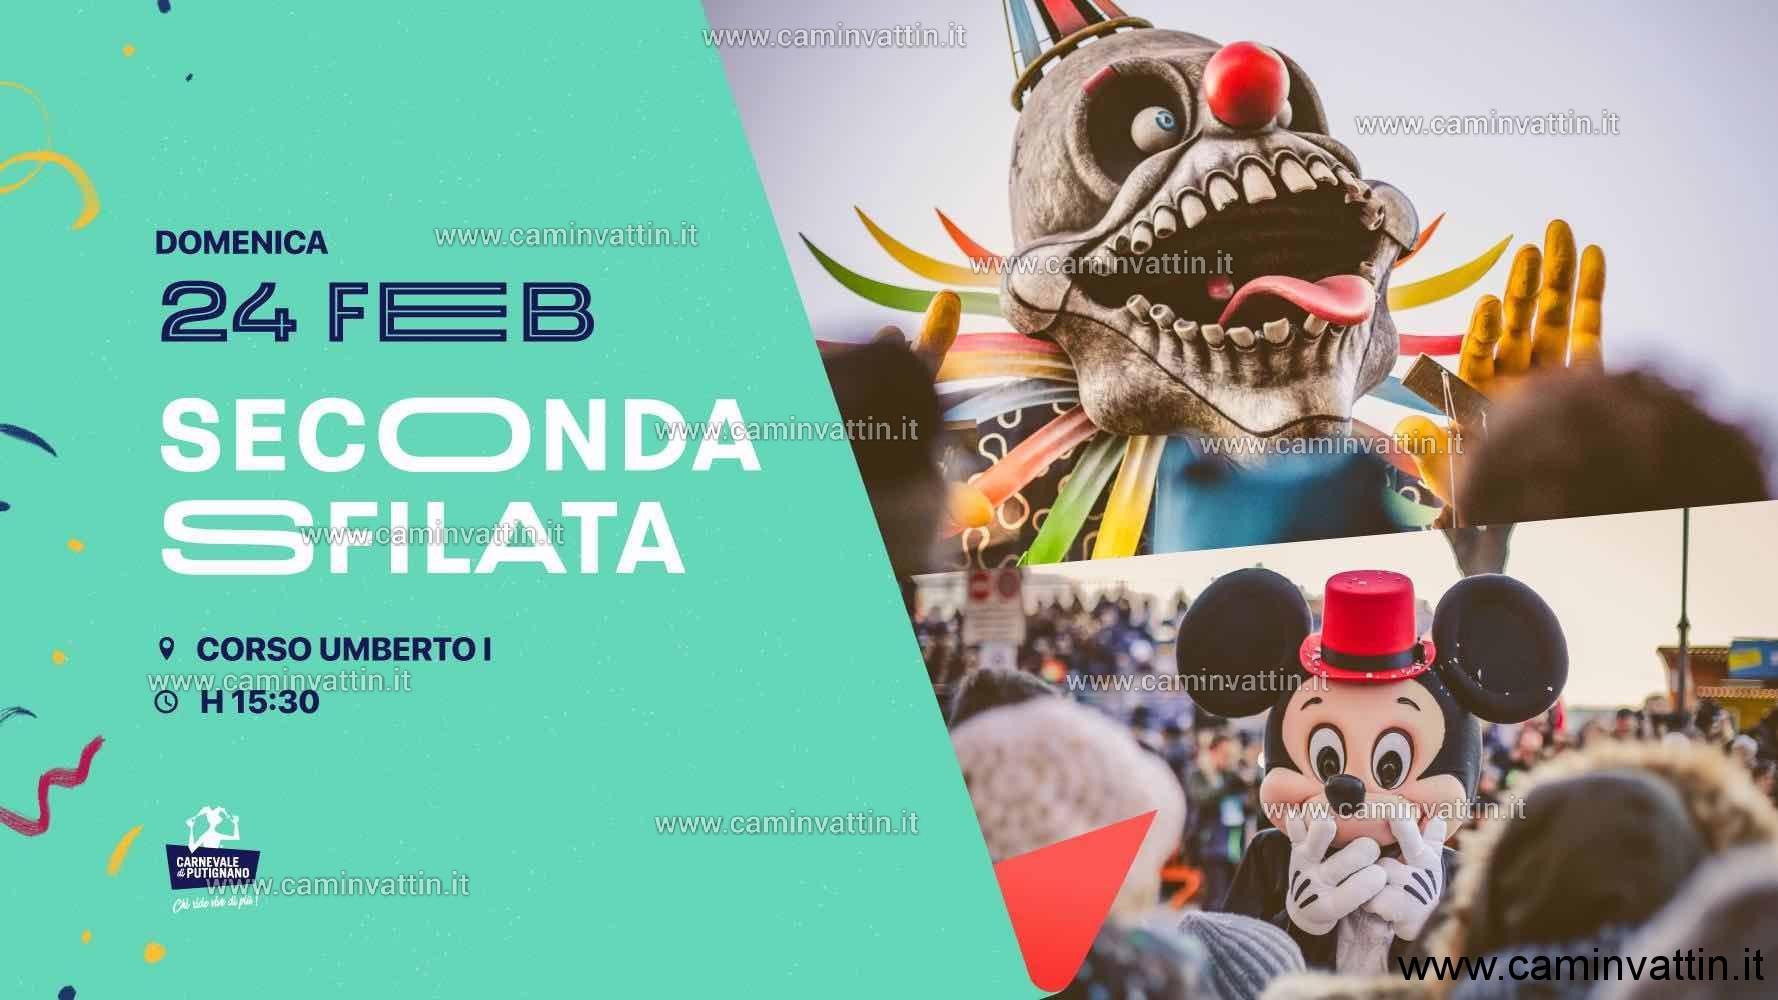 Seconda sfilata del Carnevale di Putignano 2019